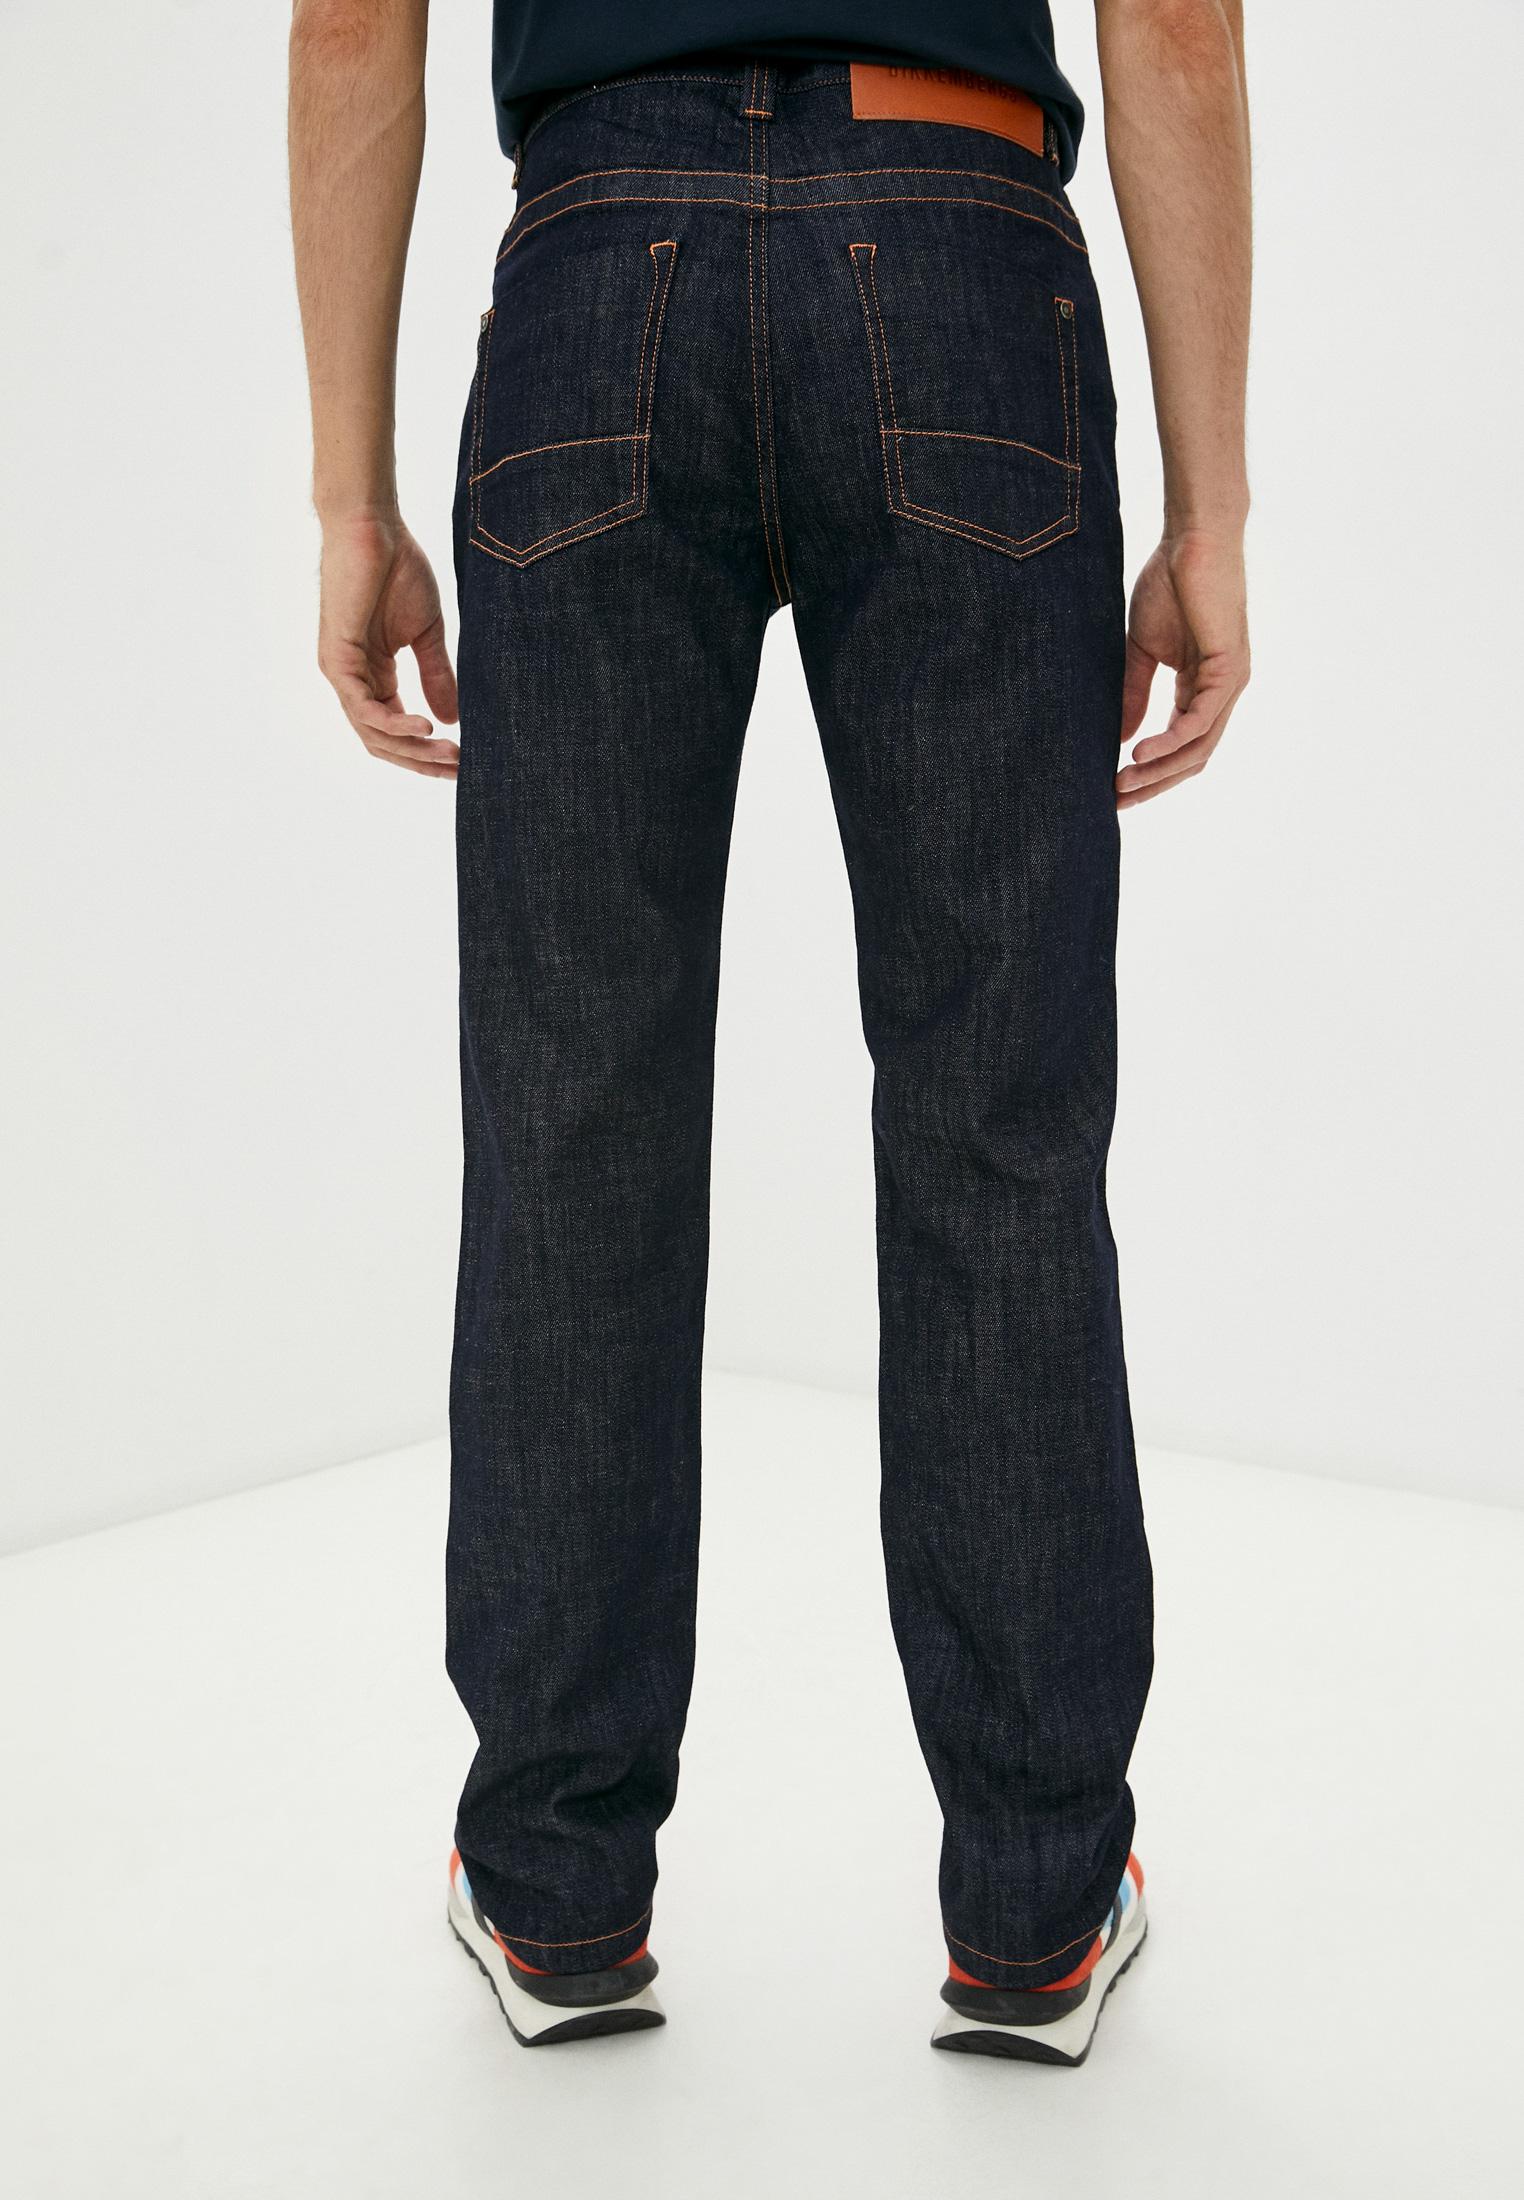 Мужские прямые джинсы Bikkembergs (Биккембергс) C Q 102 03 S 3393: изображение 19